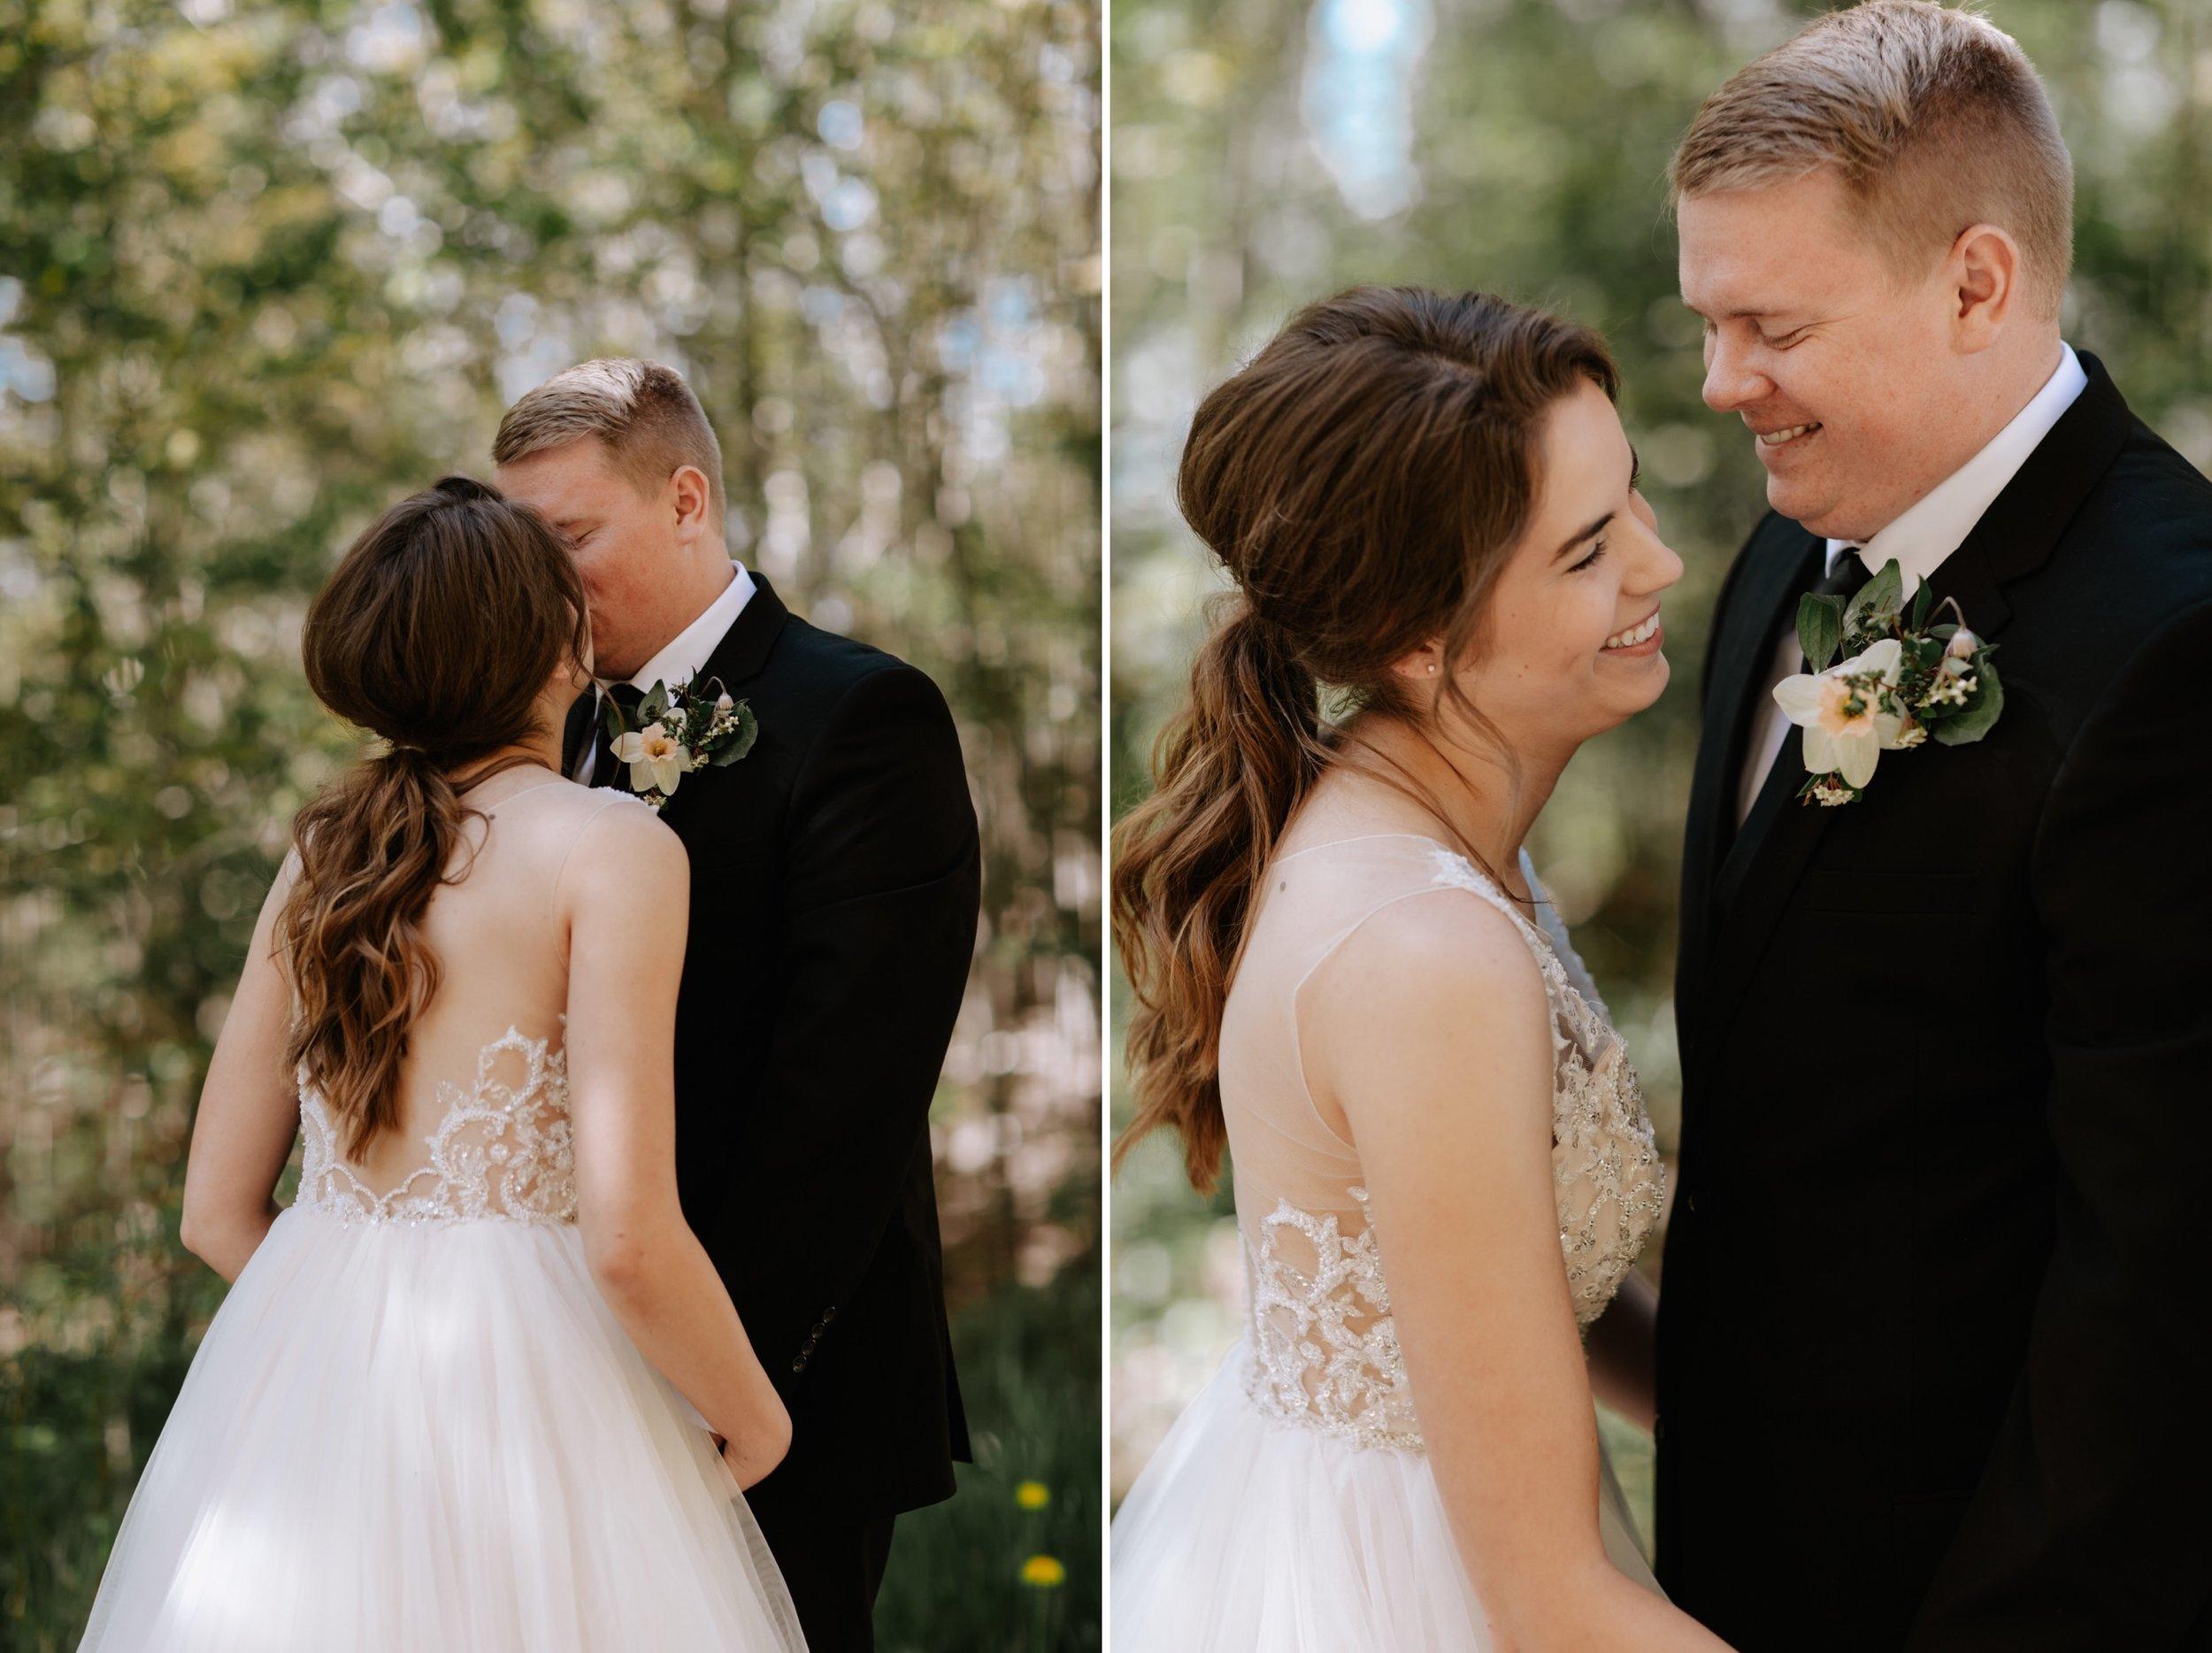 Madeline-Island-Wedding-Photography_18.jpg